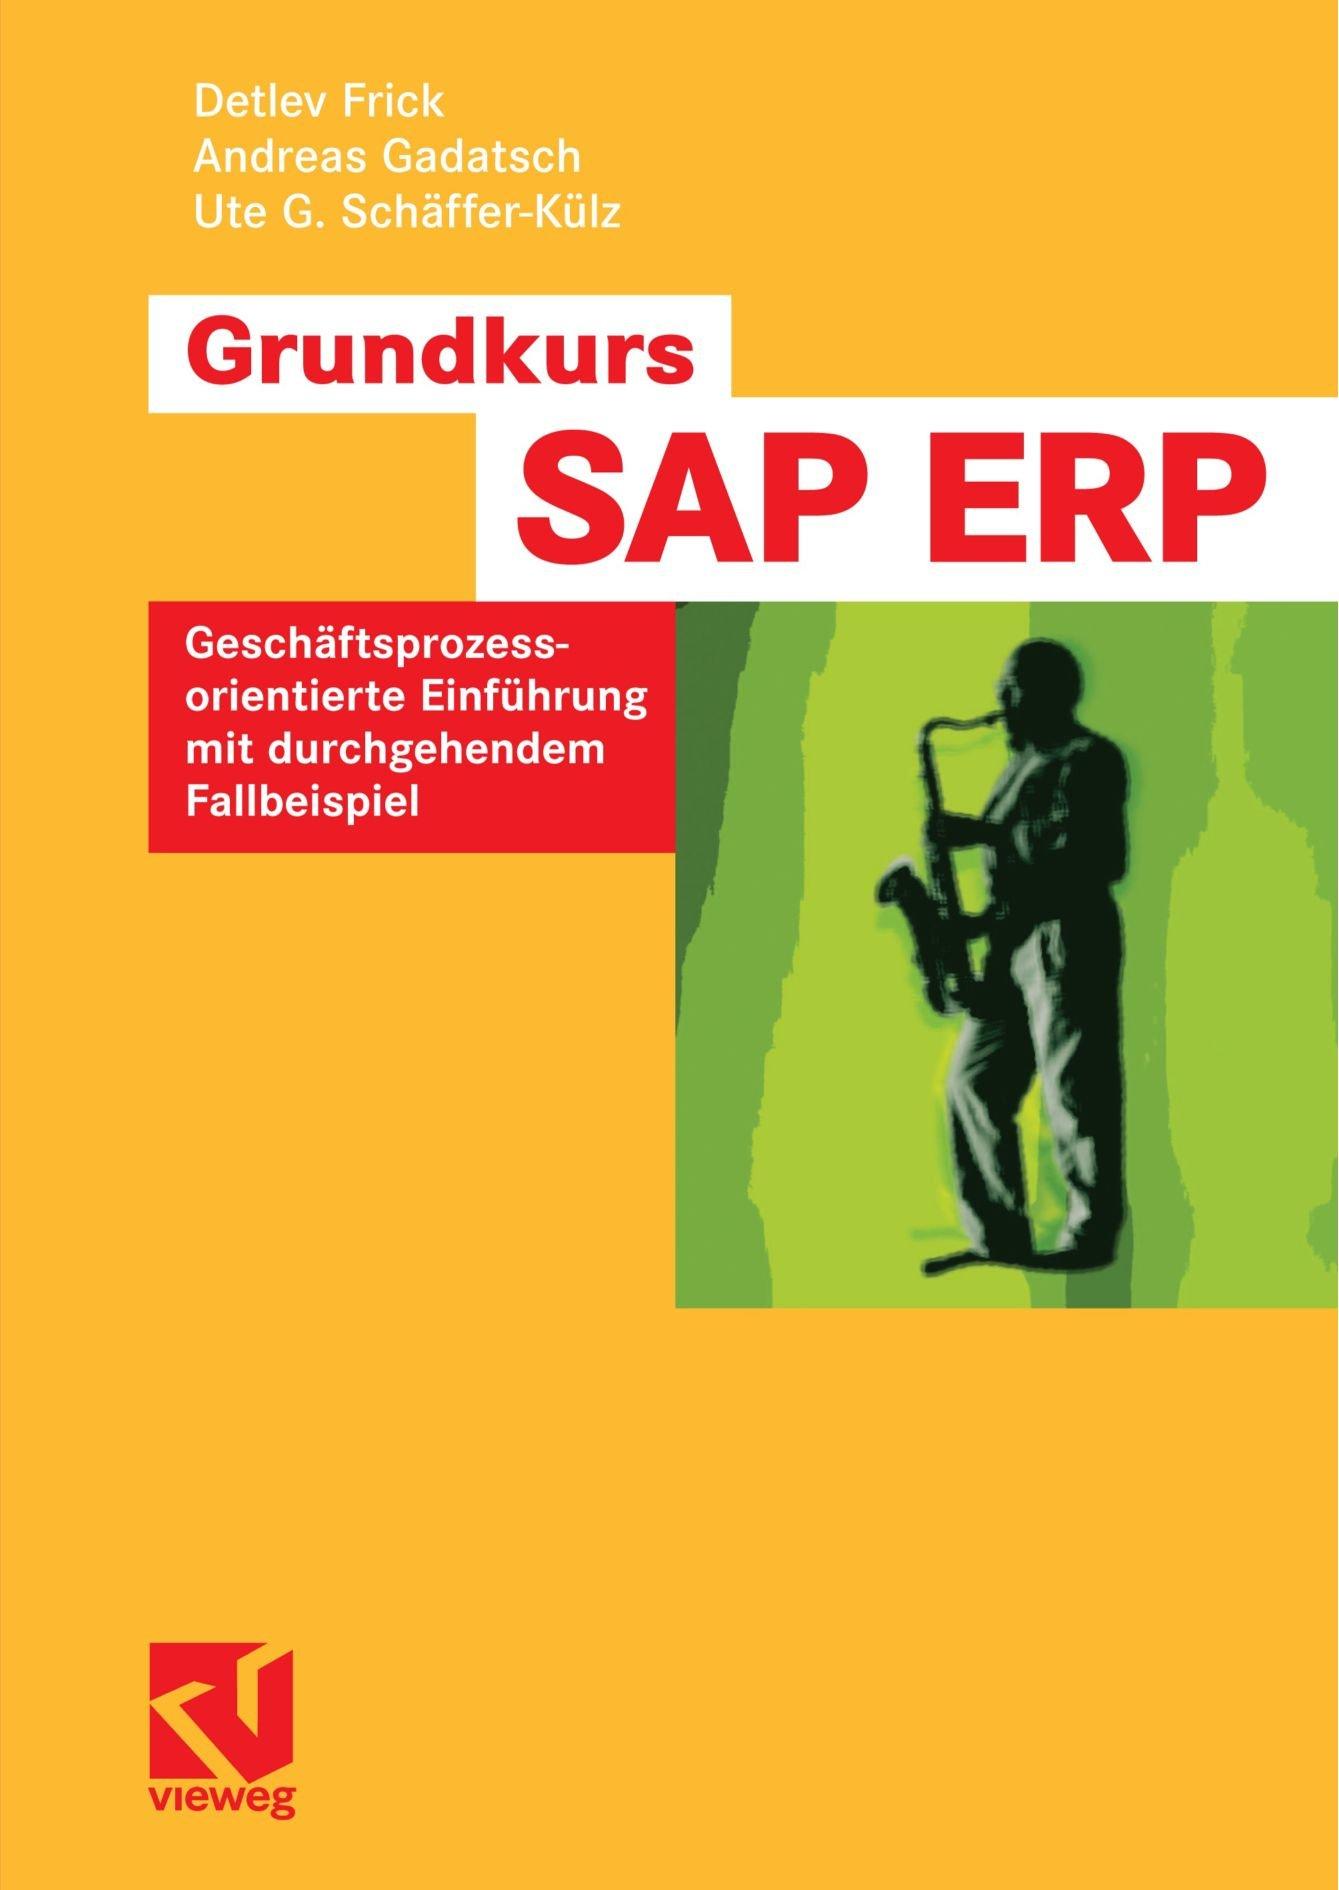 Grundkurs SAP ERP: Geschäftsprozessorientierte Einführung Mit Durchgehendem Fallbeispiel (German Edition)